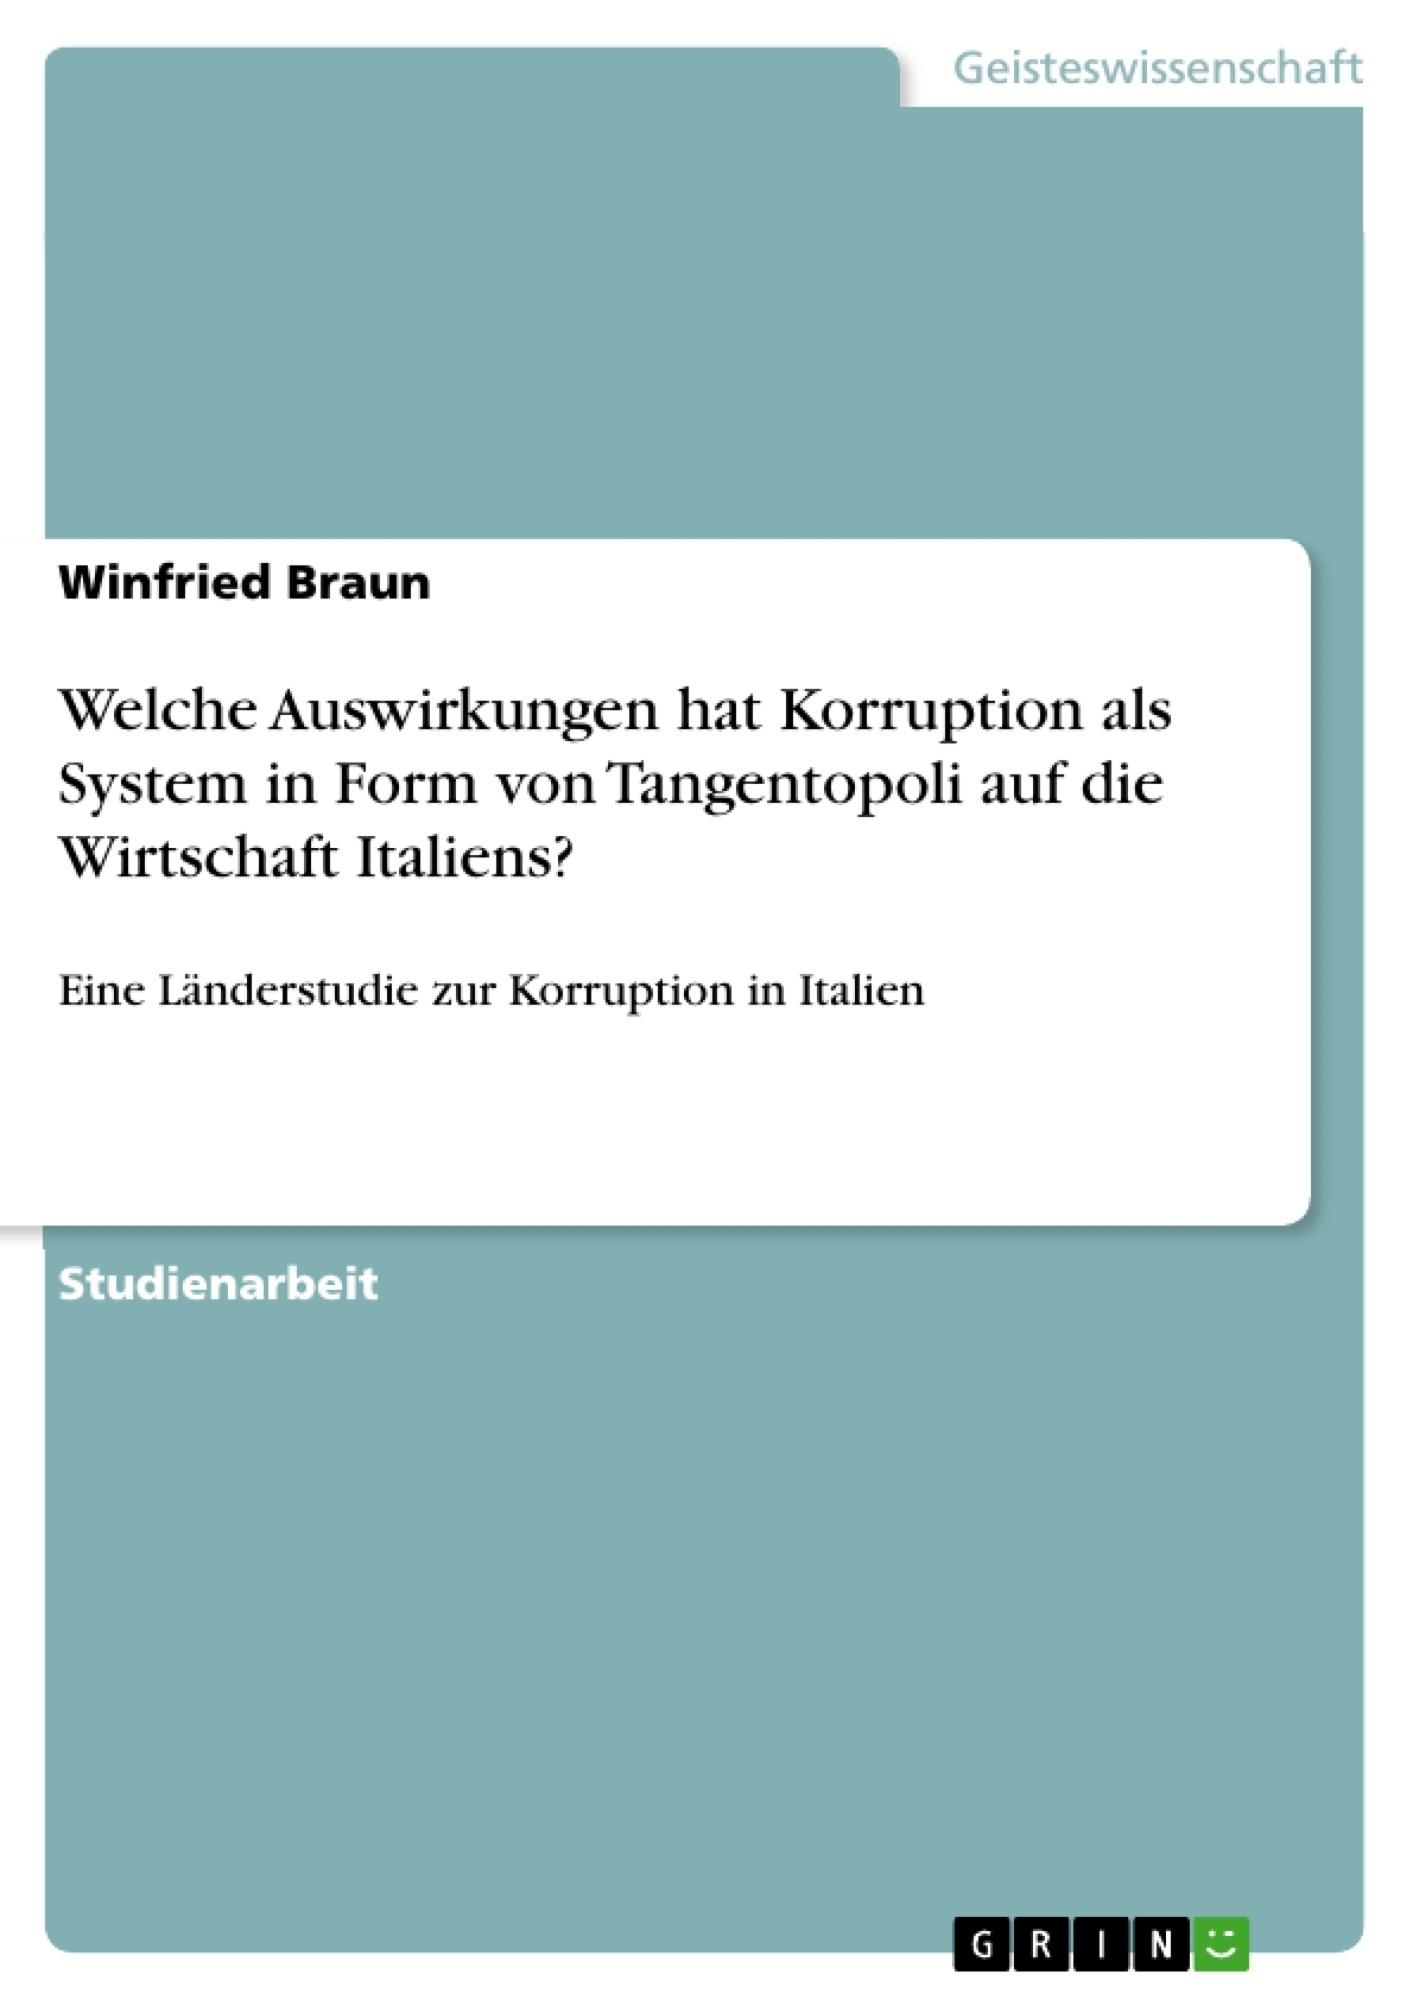 Titel: Welche Auswirkungen hat Korruption als System in Form von Tangentopoli auf die Wirtschaft Italiens?